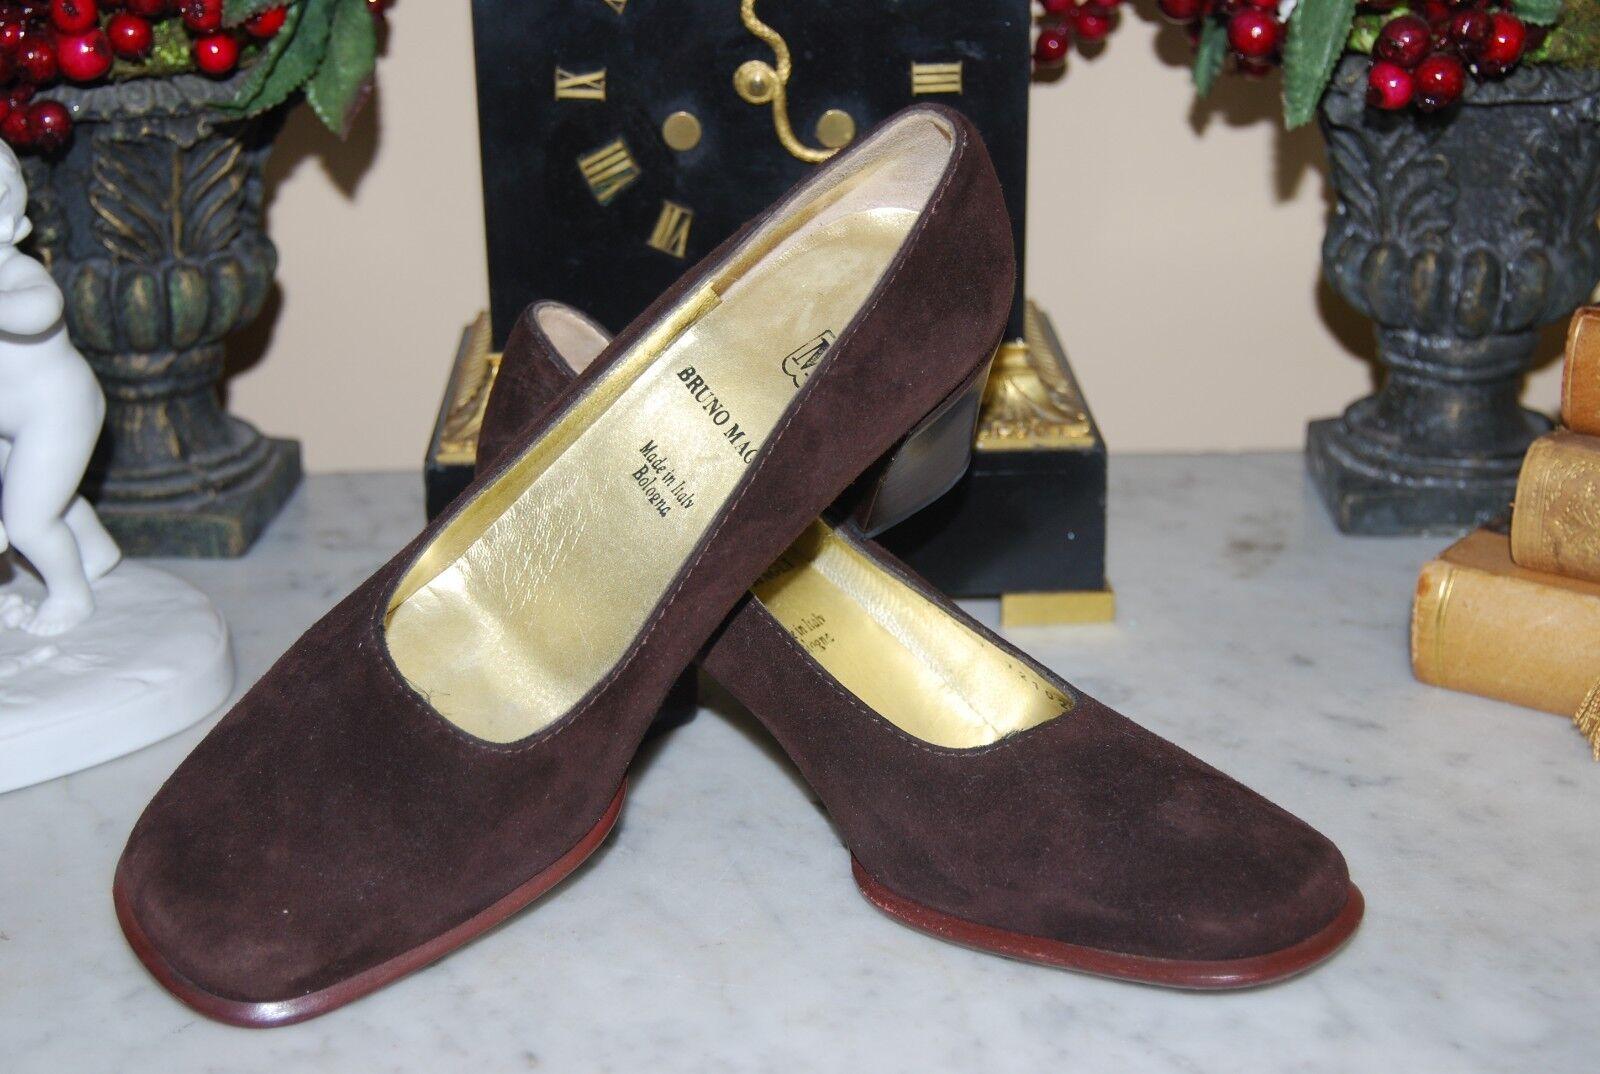 Bruno Magli Italie en Daim Marron Classique Femme Talon Bloc Pompe Chaussures Taille 5 1 2 B